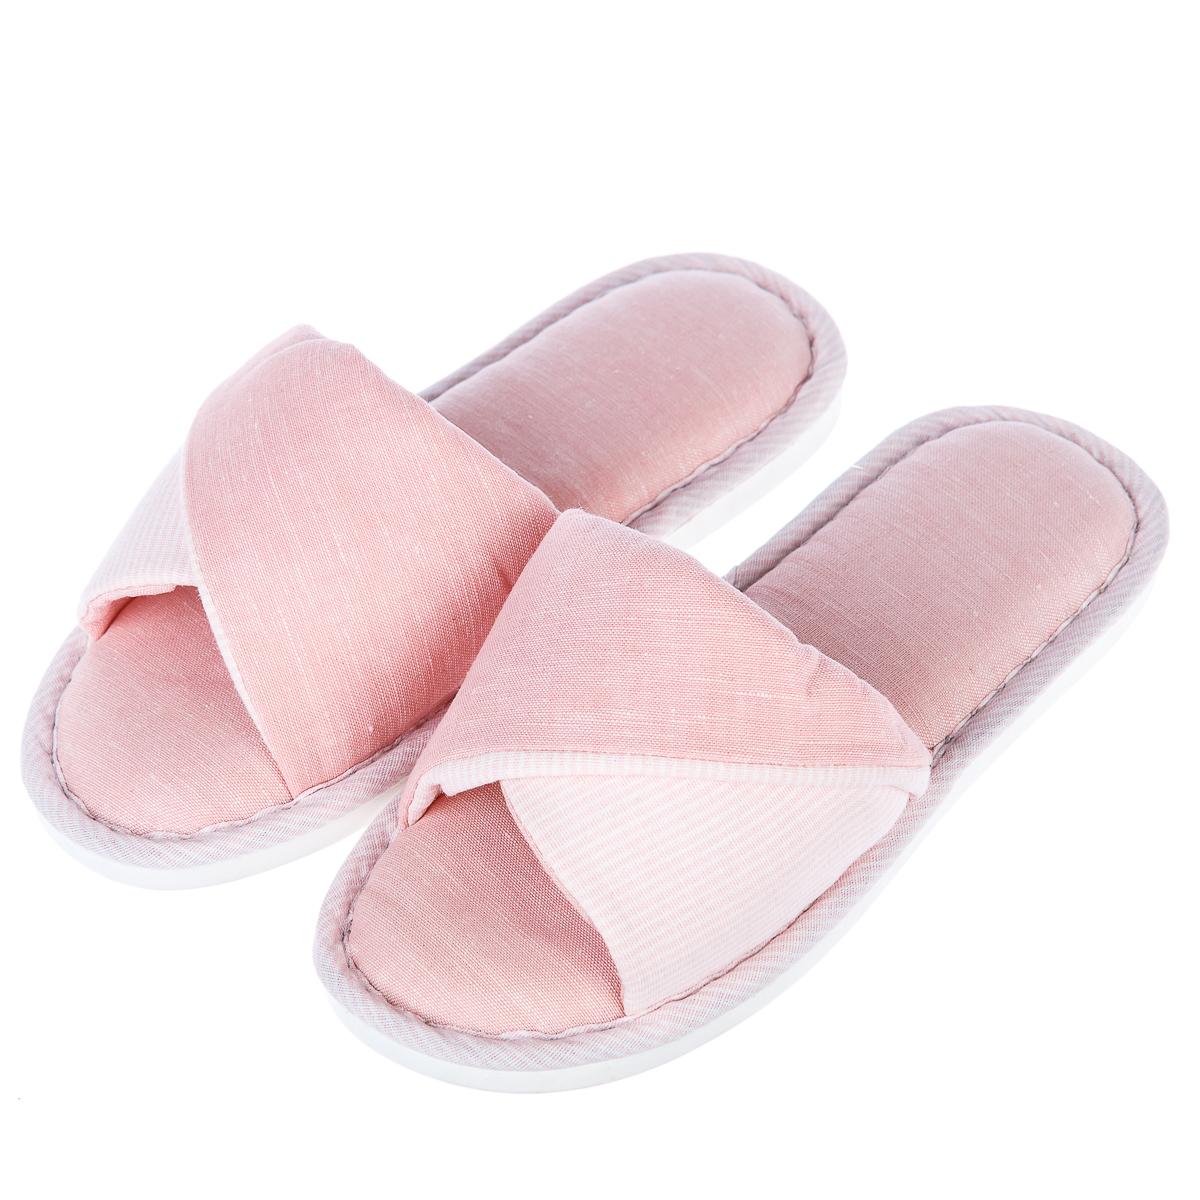 Тапочки домашкие мягкие двухцветные р.37-38 розовые